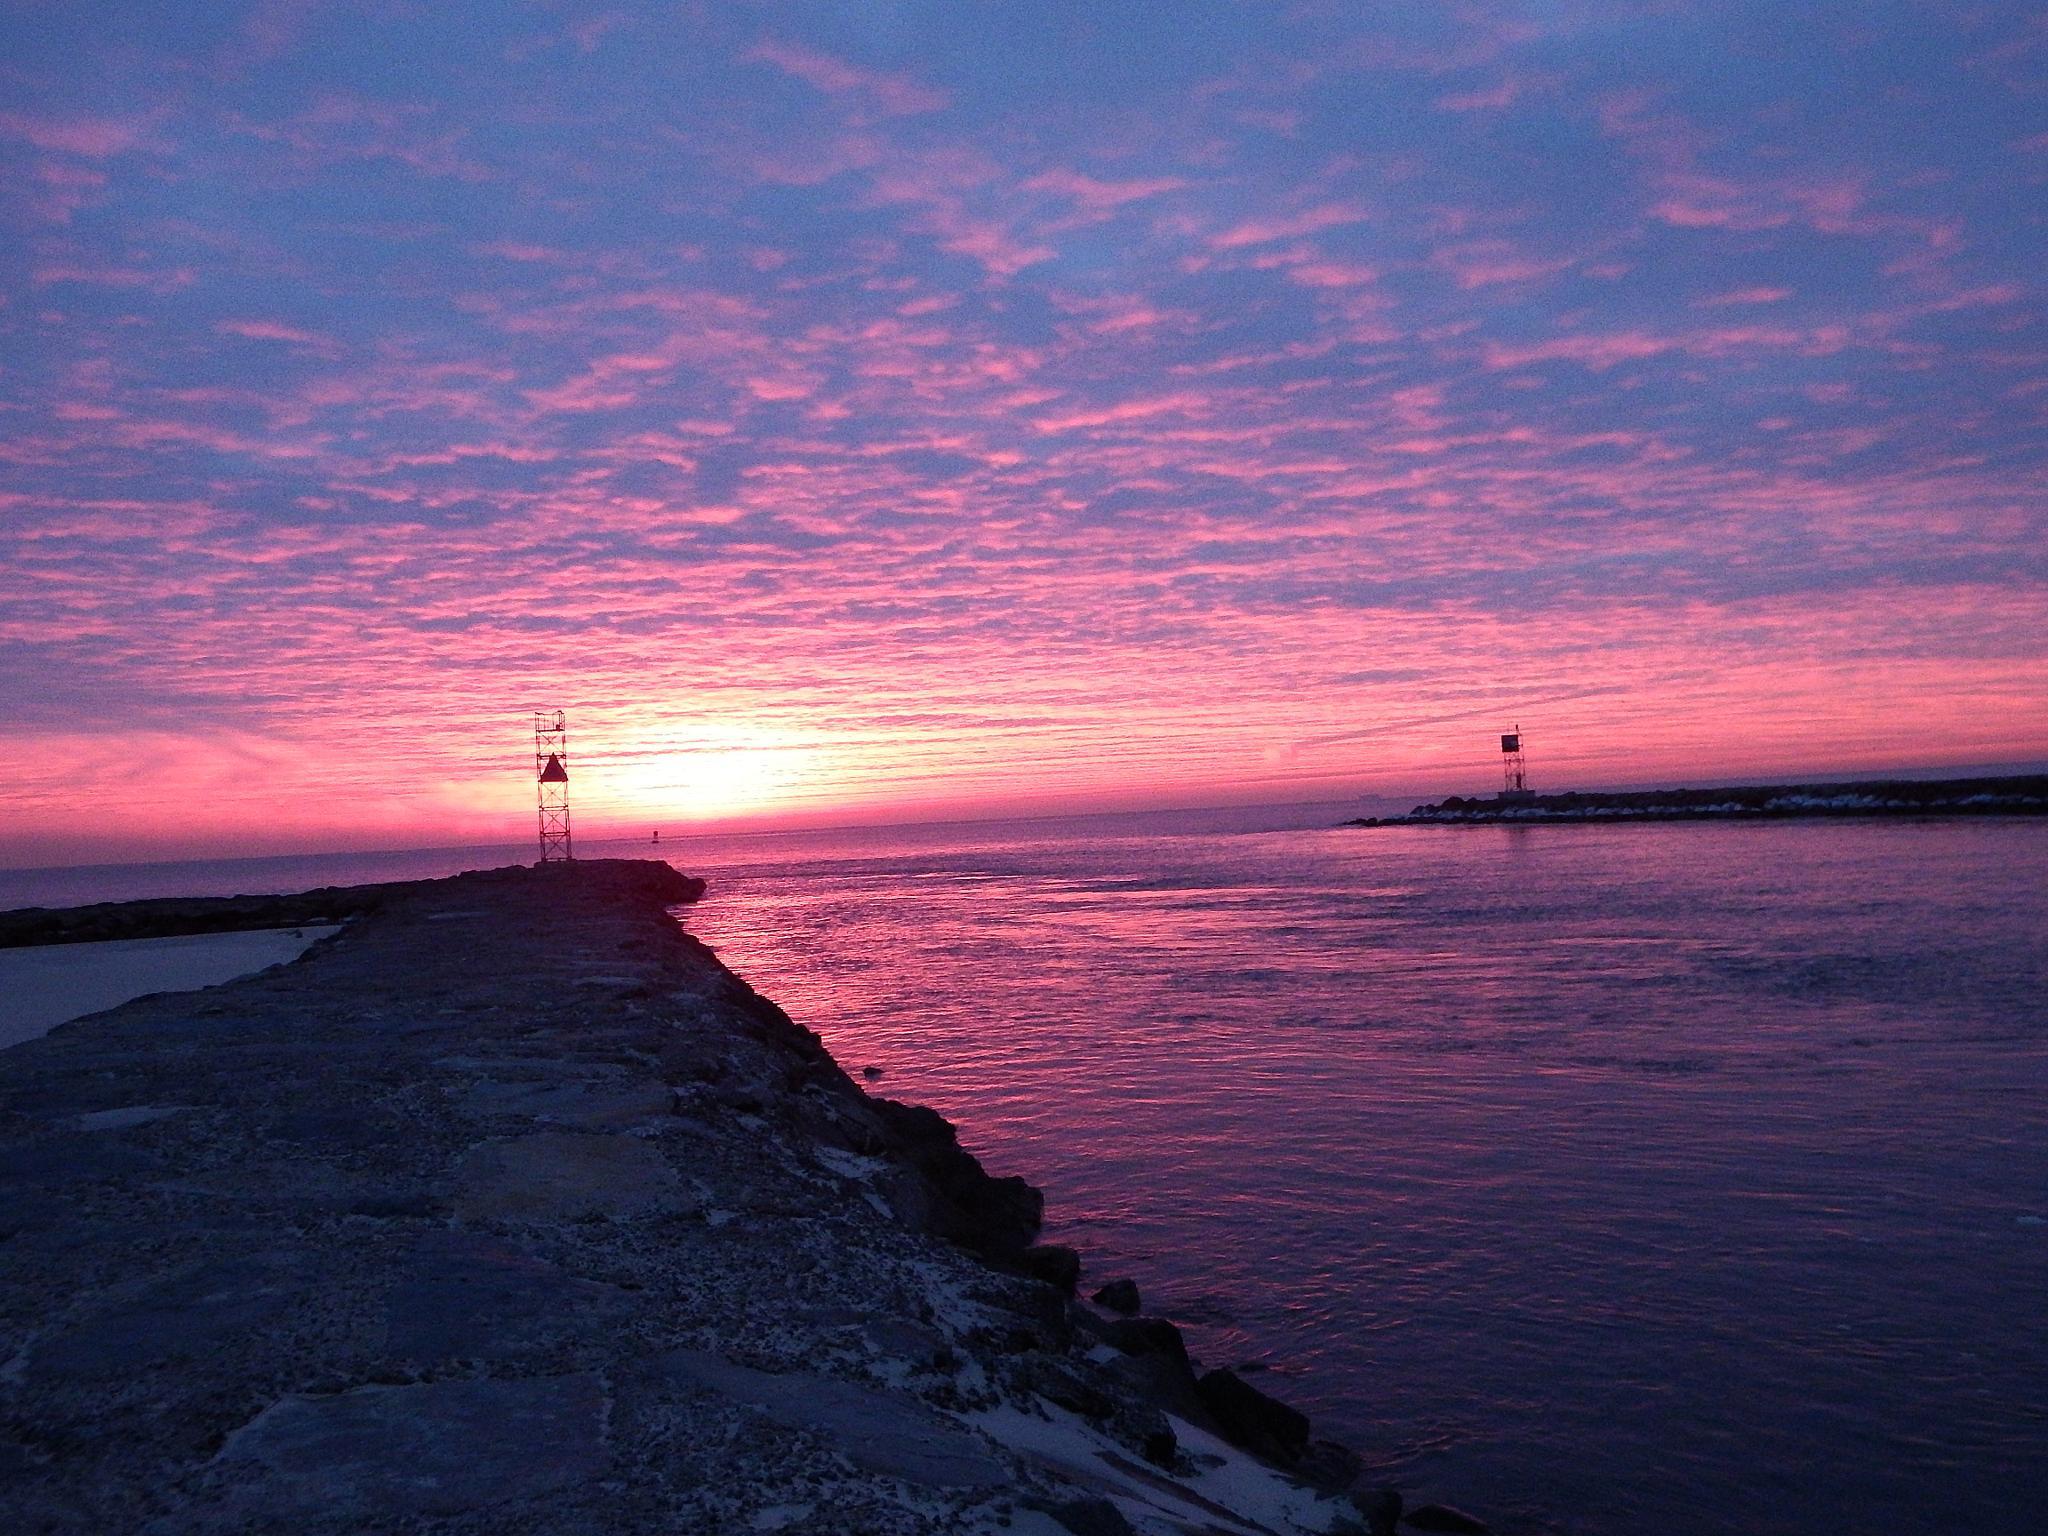 Sunrise at Belmar Beach by Antonette Stiebritz